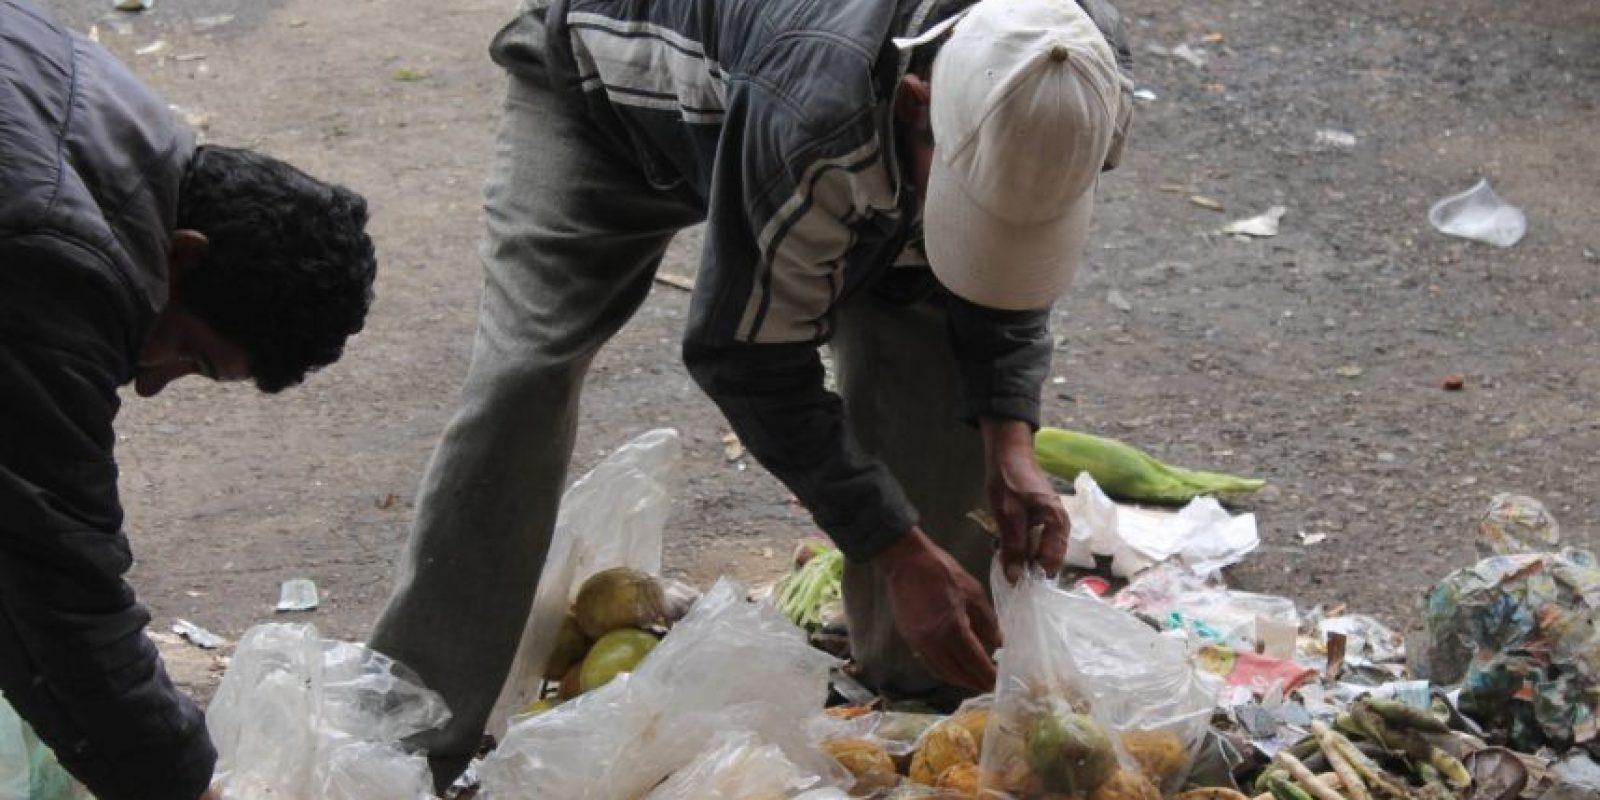 Cualquier bolsa es buena para recoger los alimentos Foto:Sofía Toscano-Publimetro